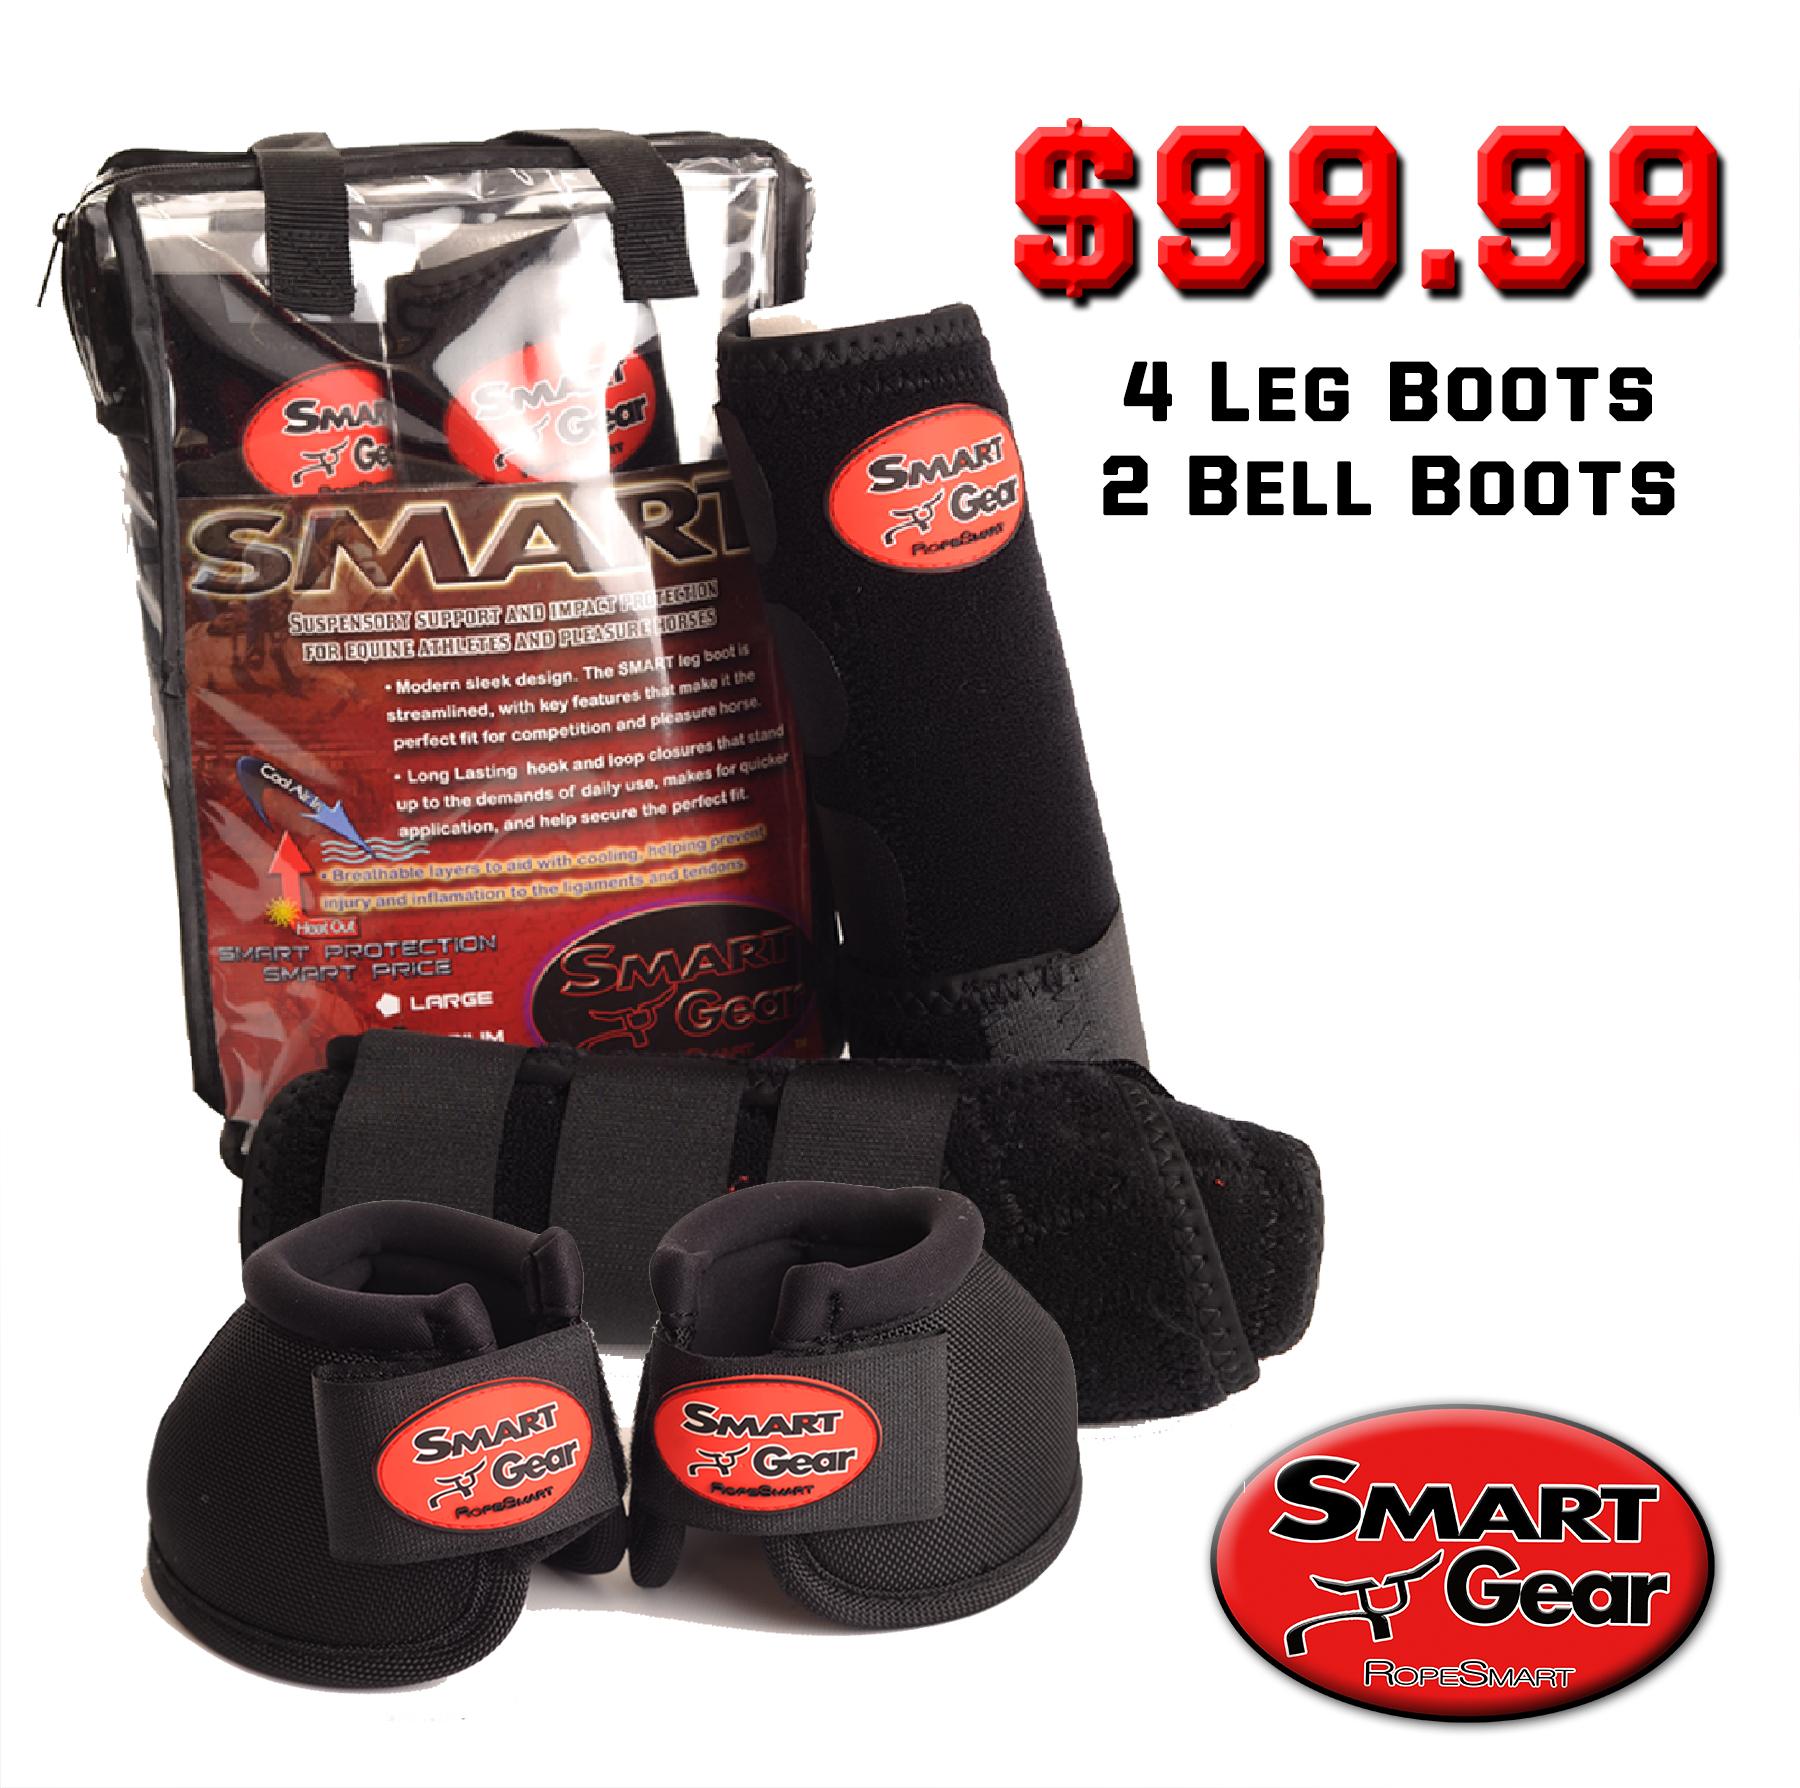 Smart Gear Sport Boot Bundle